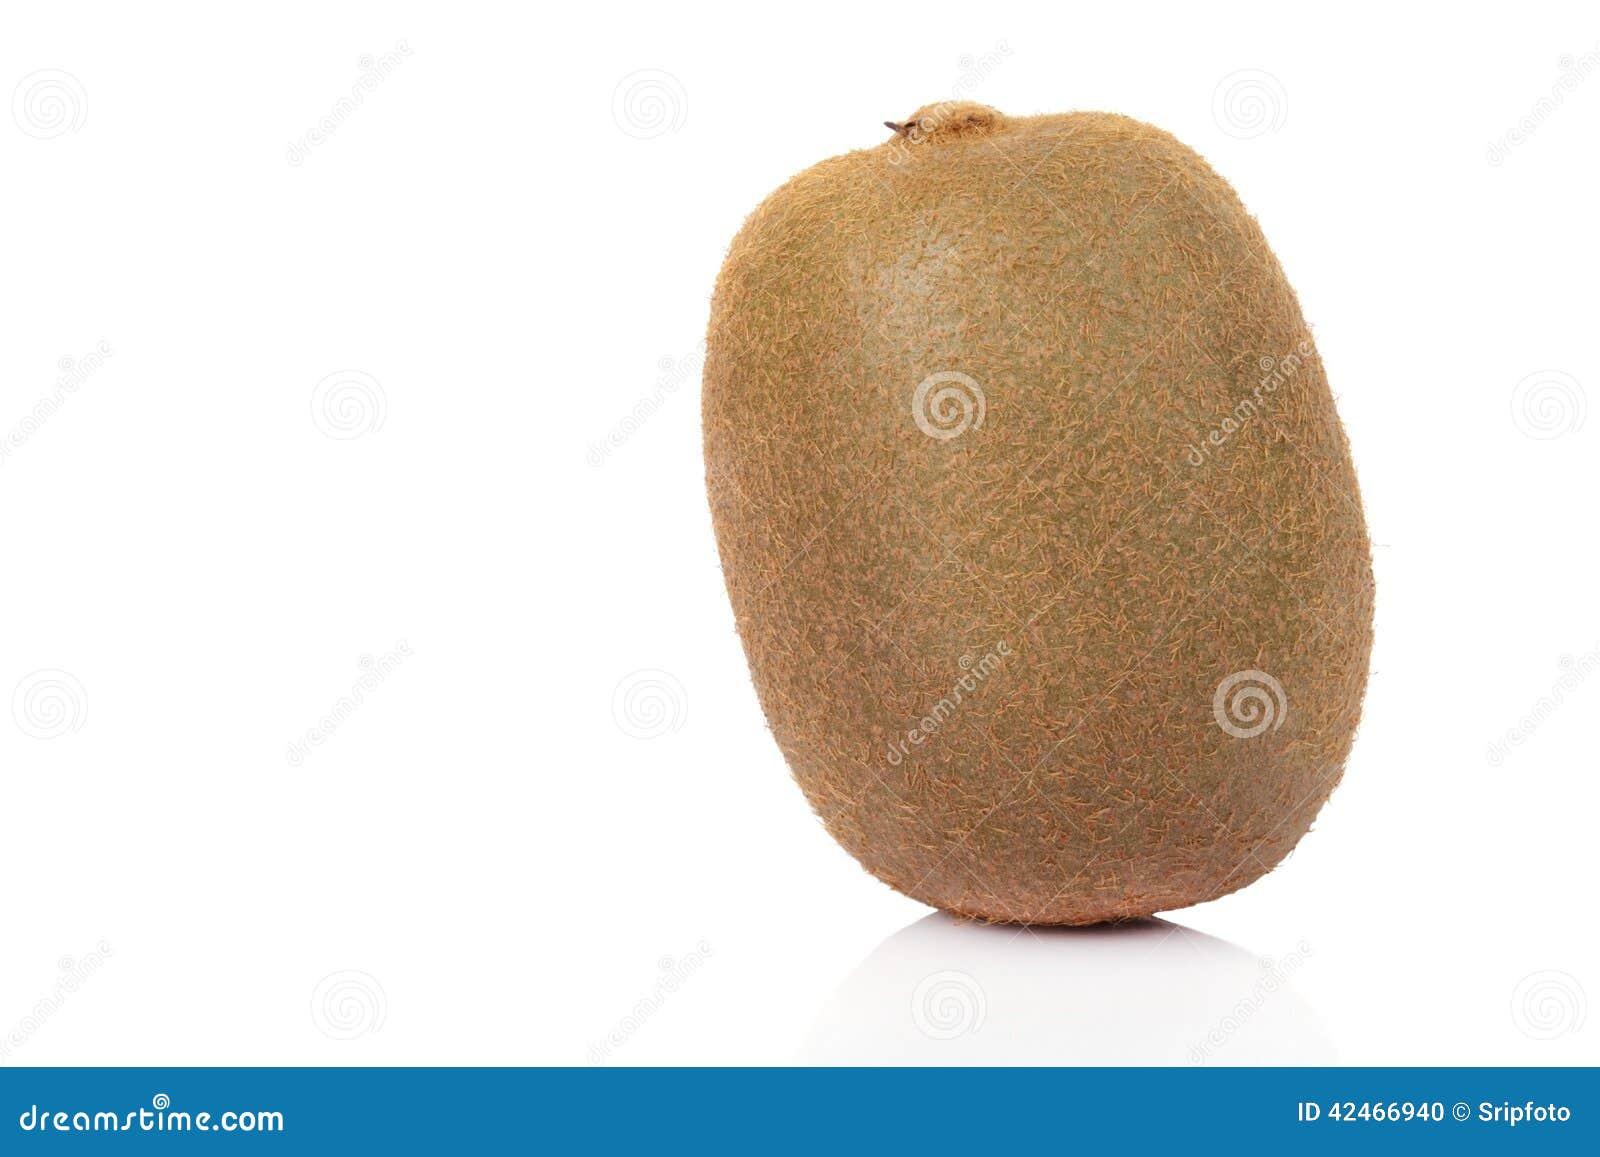 Kiwifrucht getrennt auf weißem Hintergrund